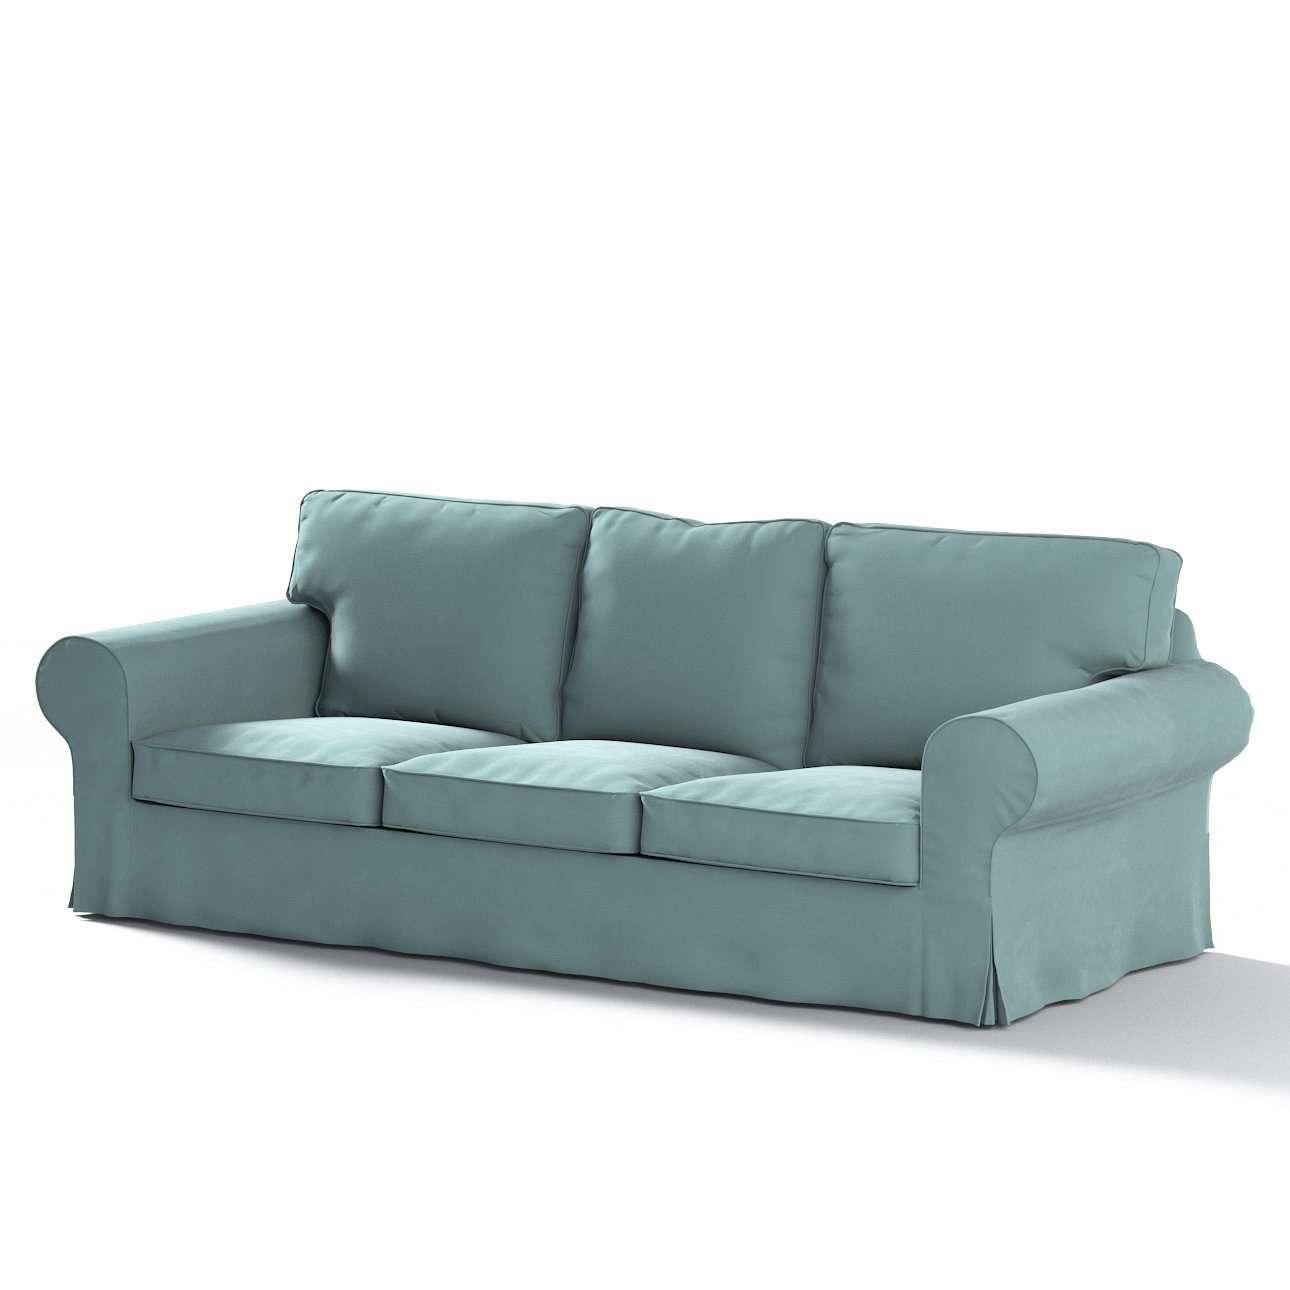 Ektorp trekk 3 seter sovesofa uten boks fra kolleksjonen Velvet, Stoffets bredde: 704-18